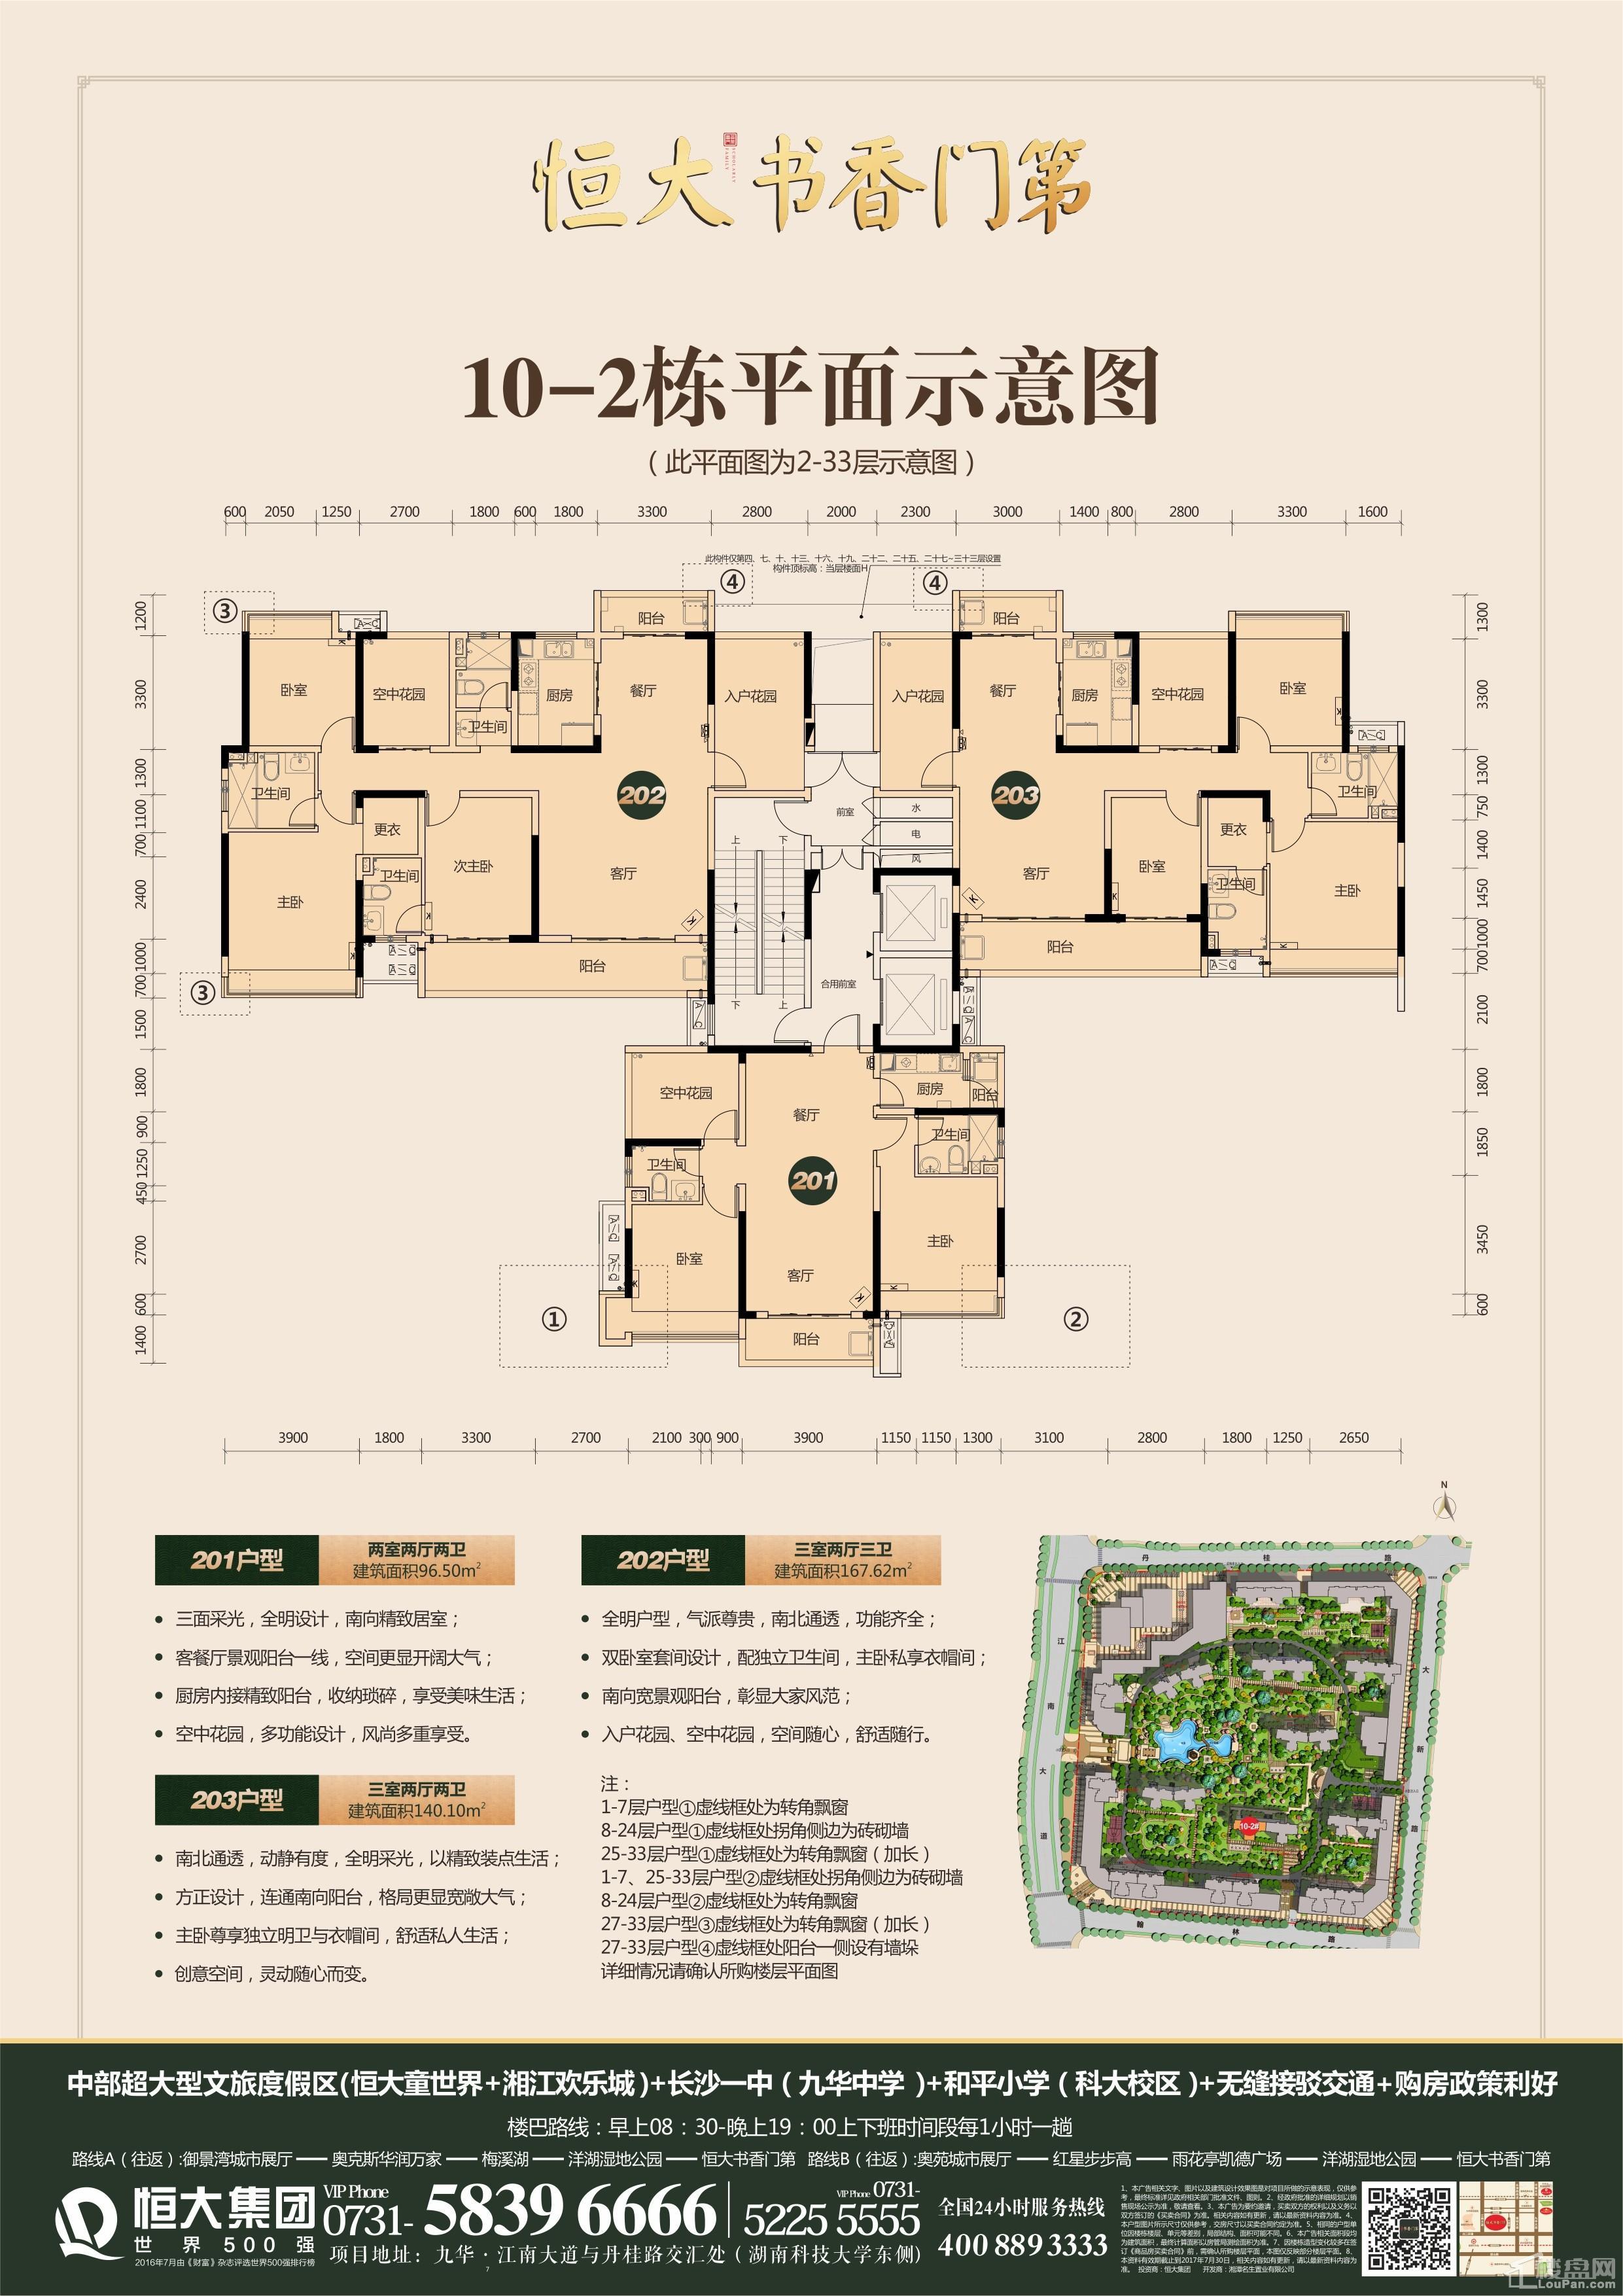 湘潭恒大书香门第10号栋户型图